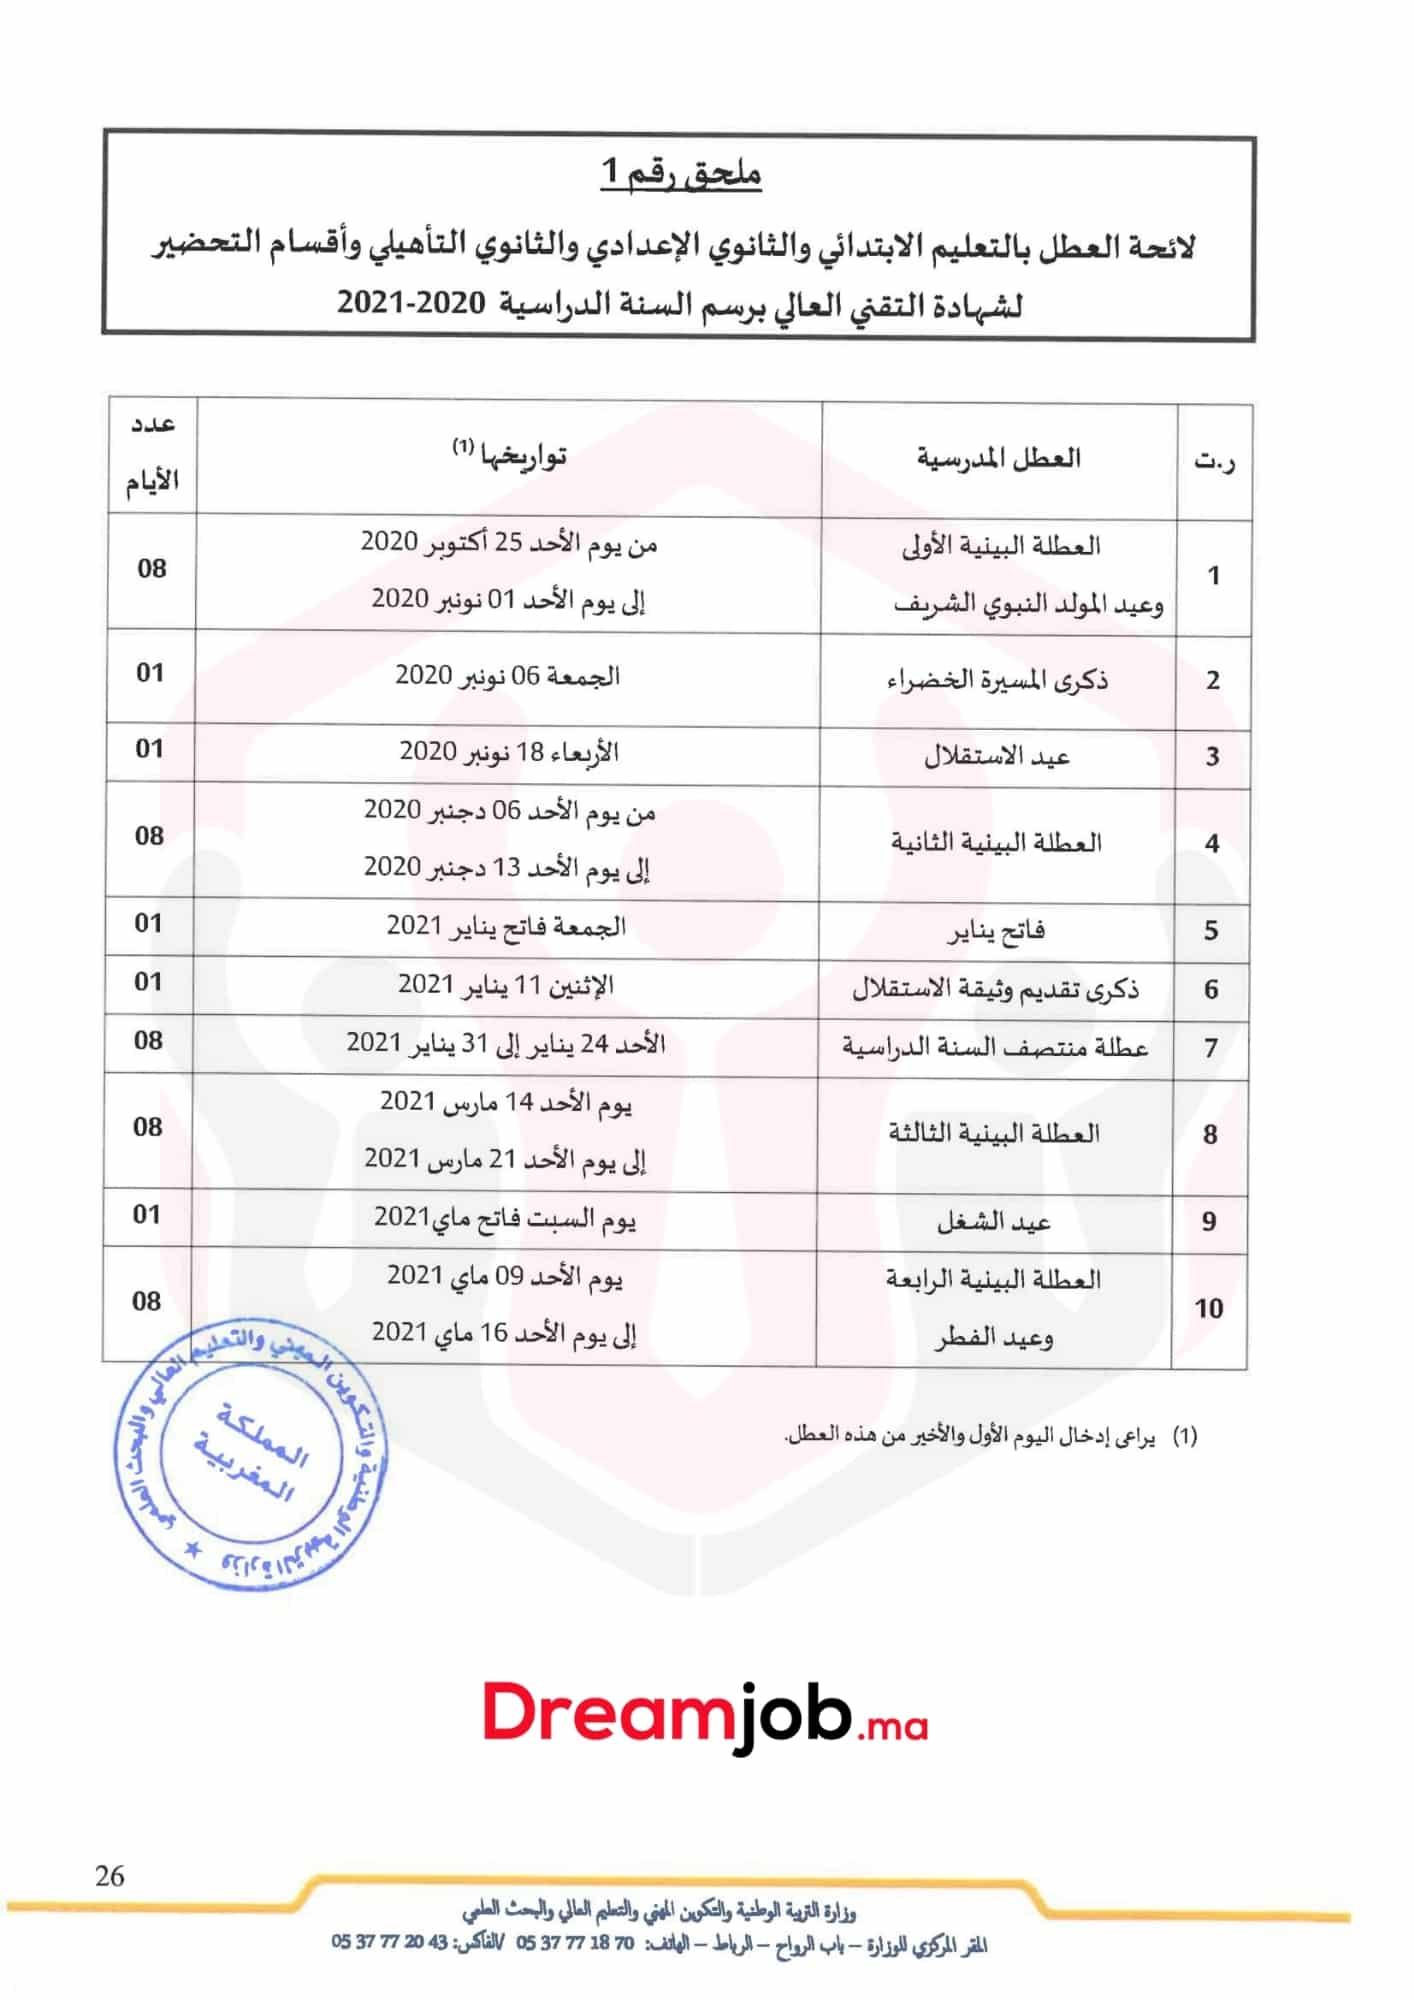 Calendrier des Vacances Scolaires au Maroc 2020-2021